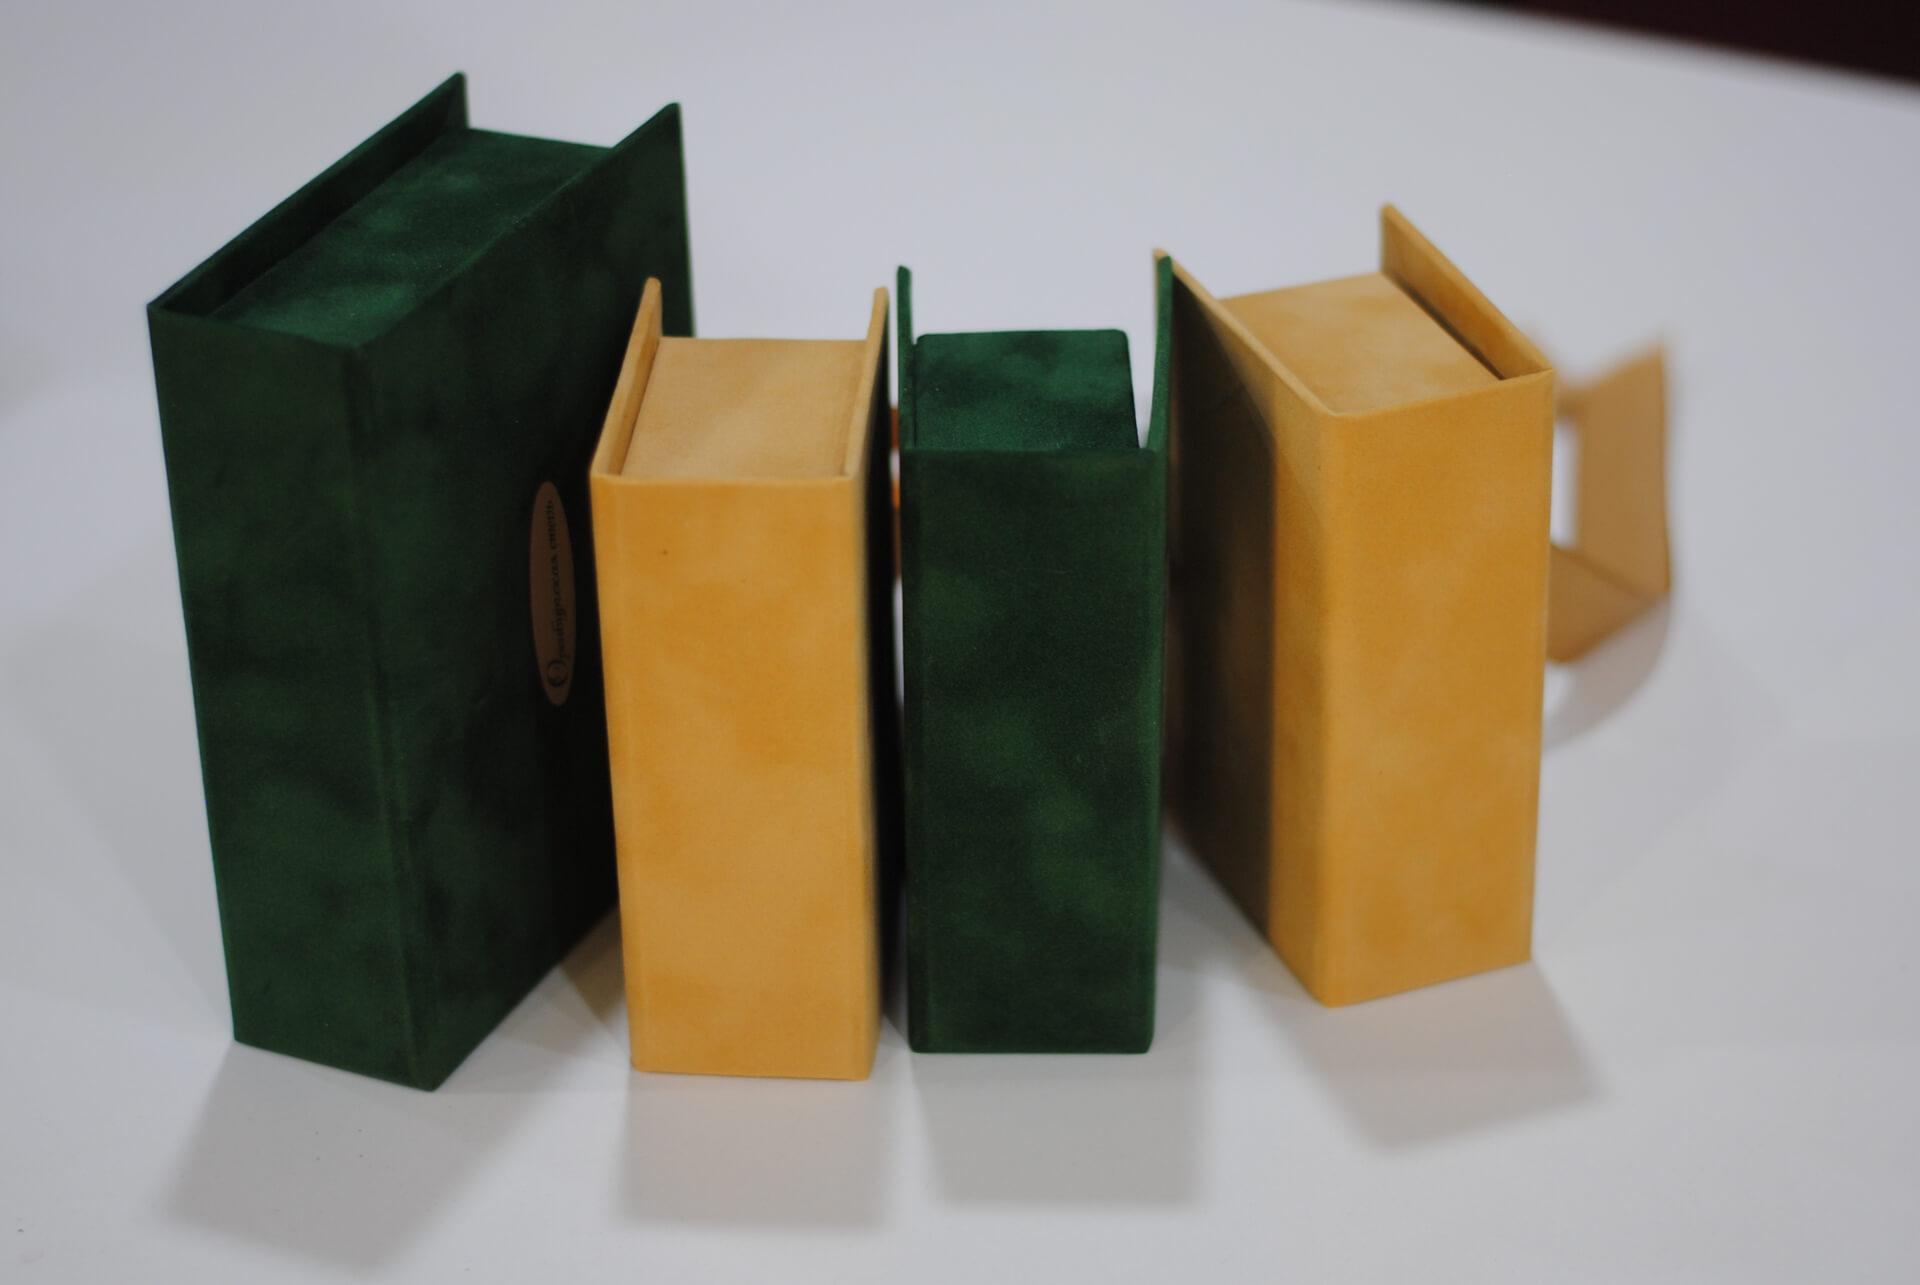 Неразборные коробки